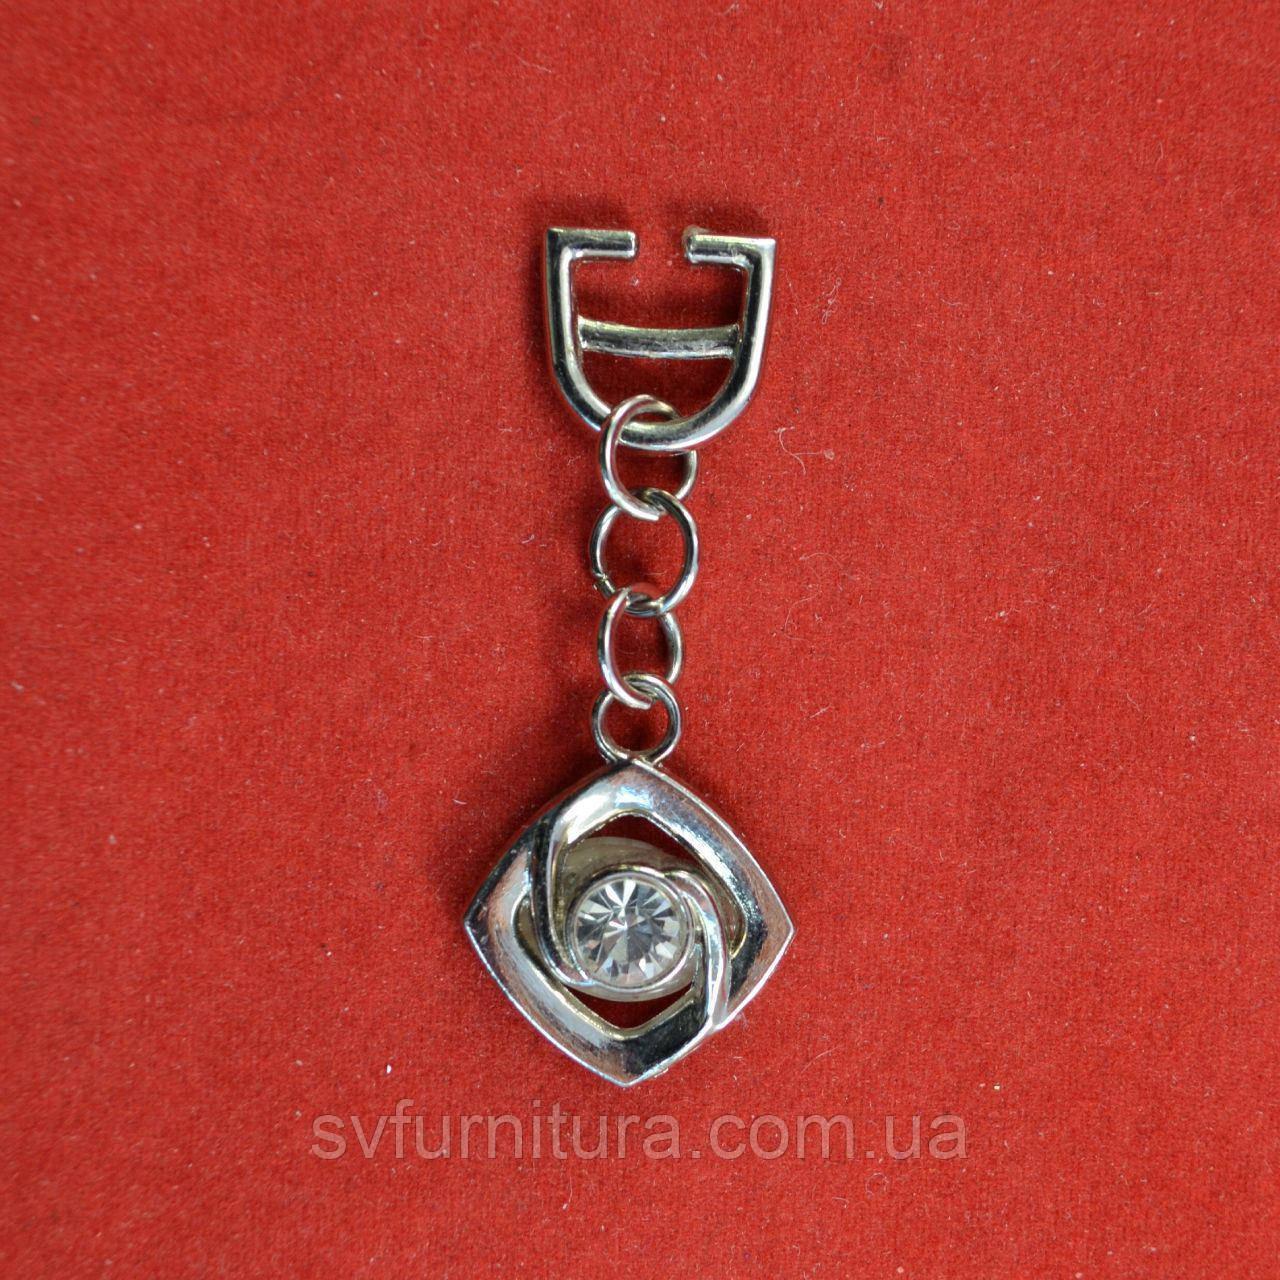 Аксессуар 20 серебро